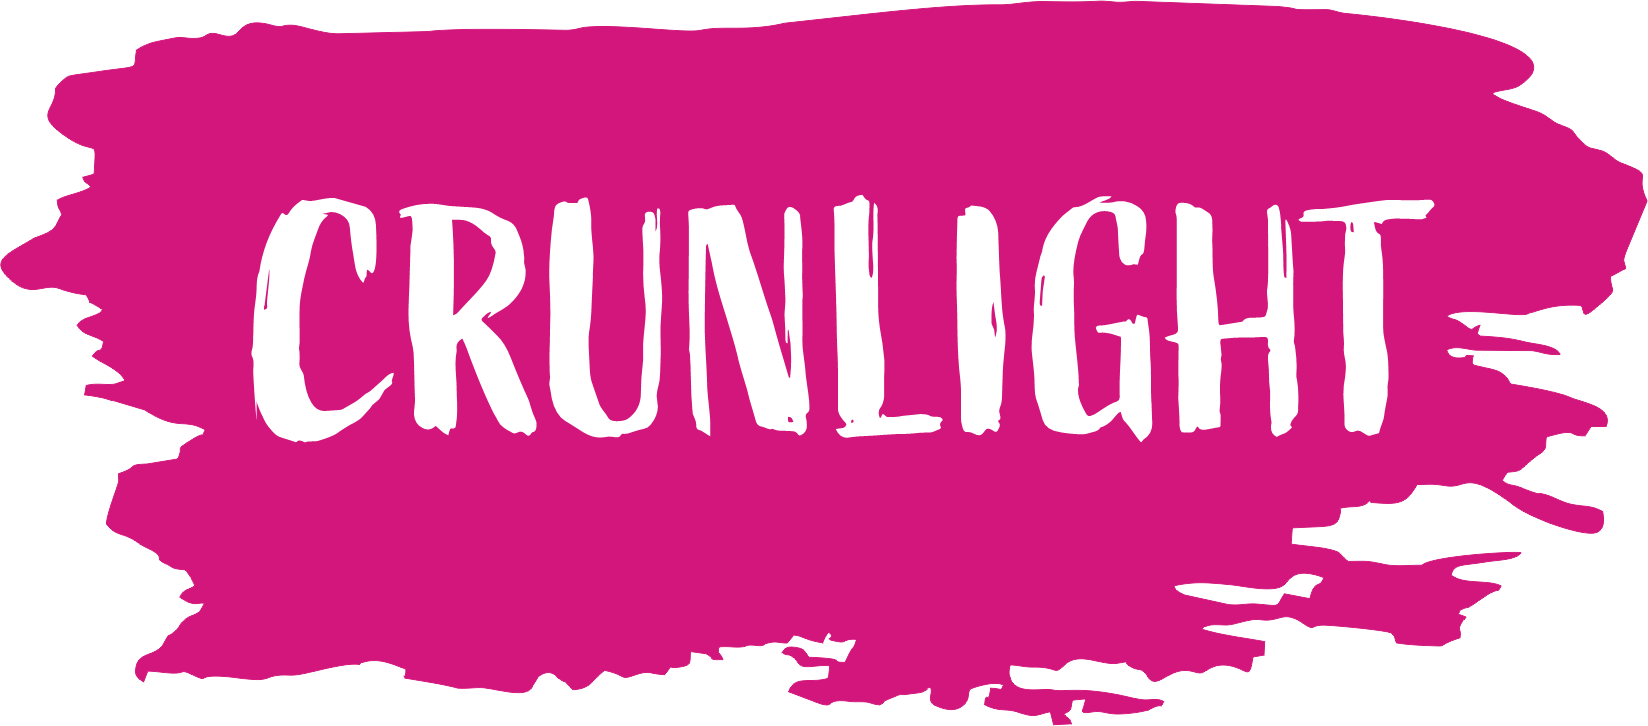 Crunlight